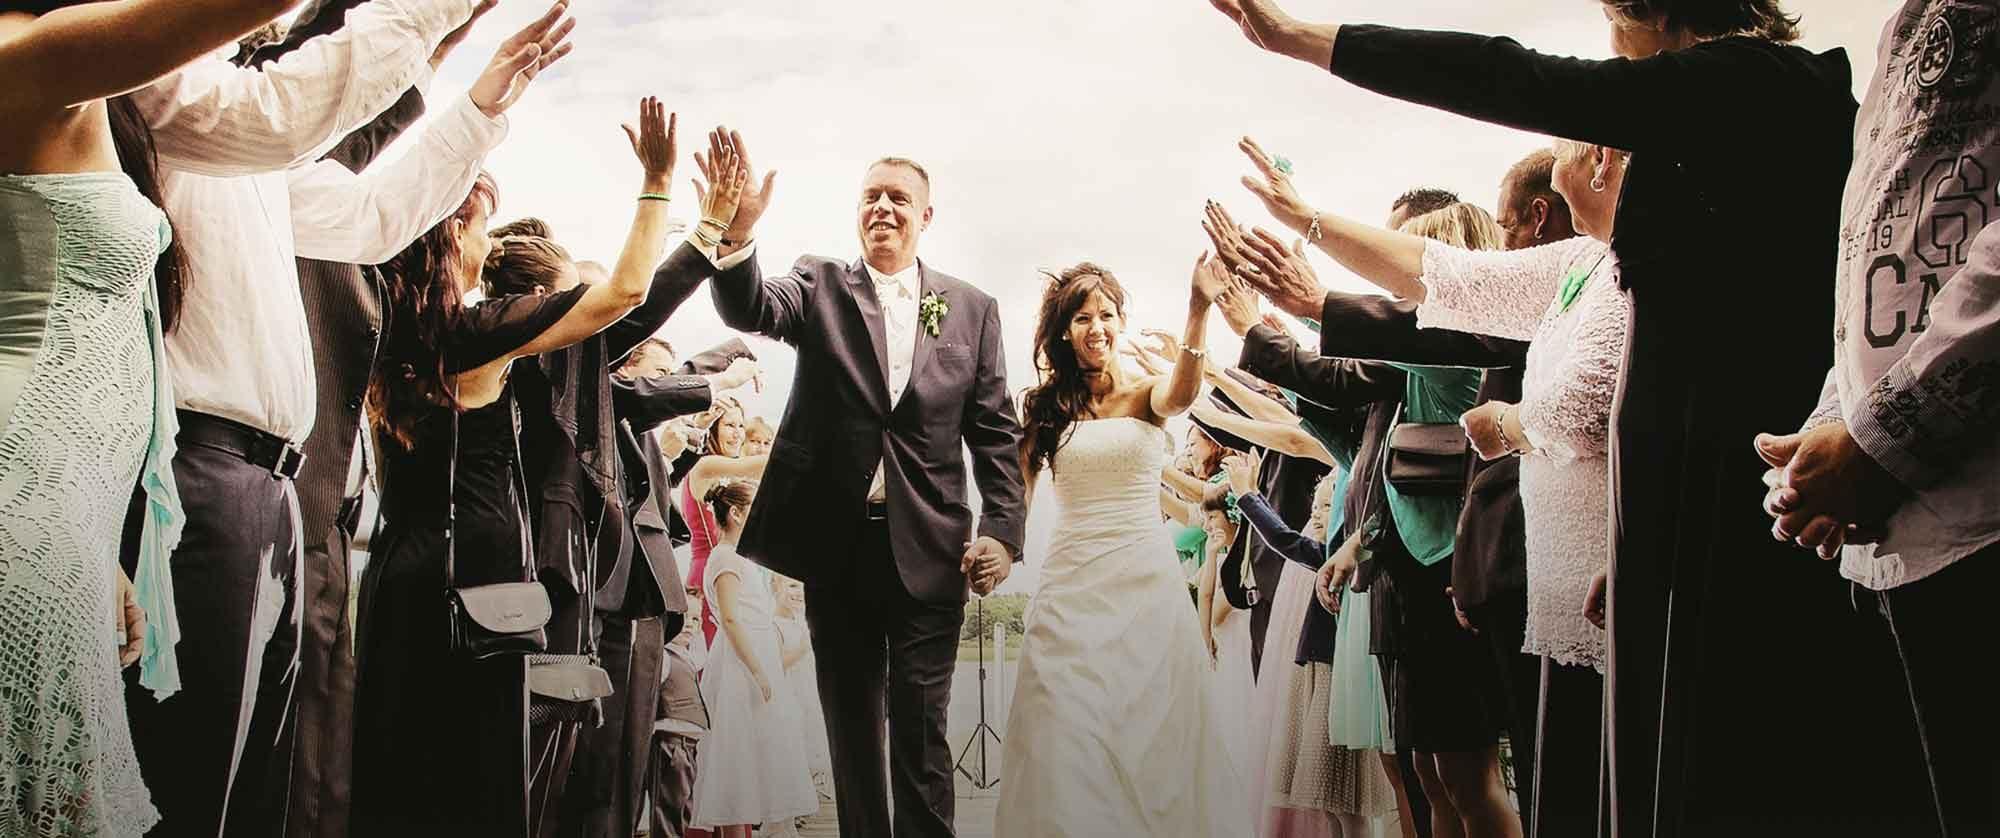 Gäste klatschen mit Brautpaar ein